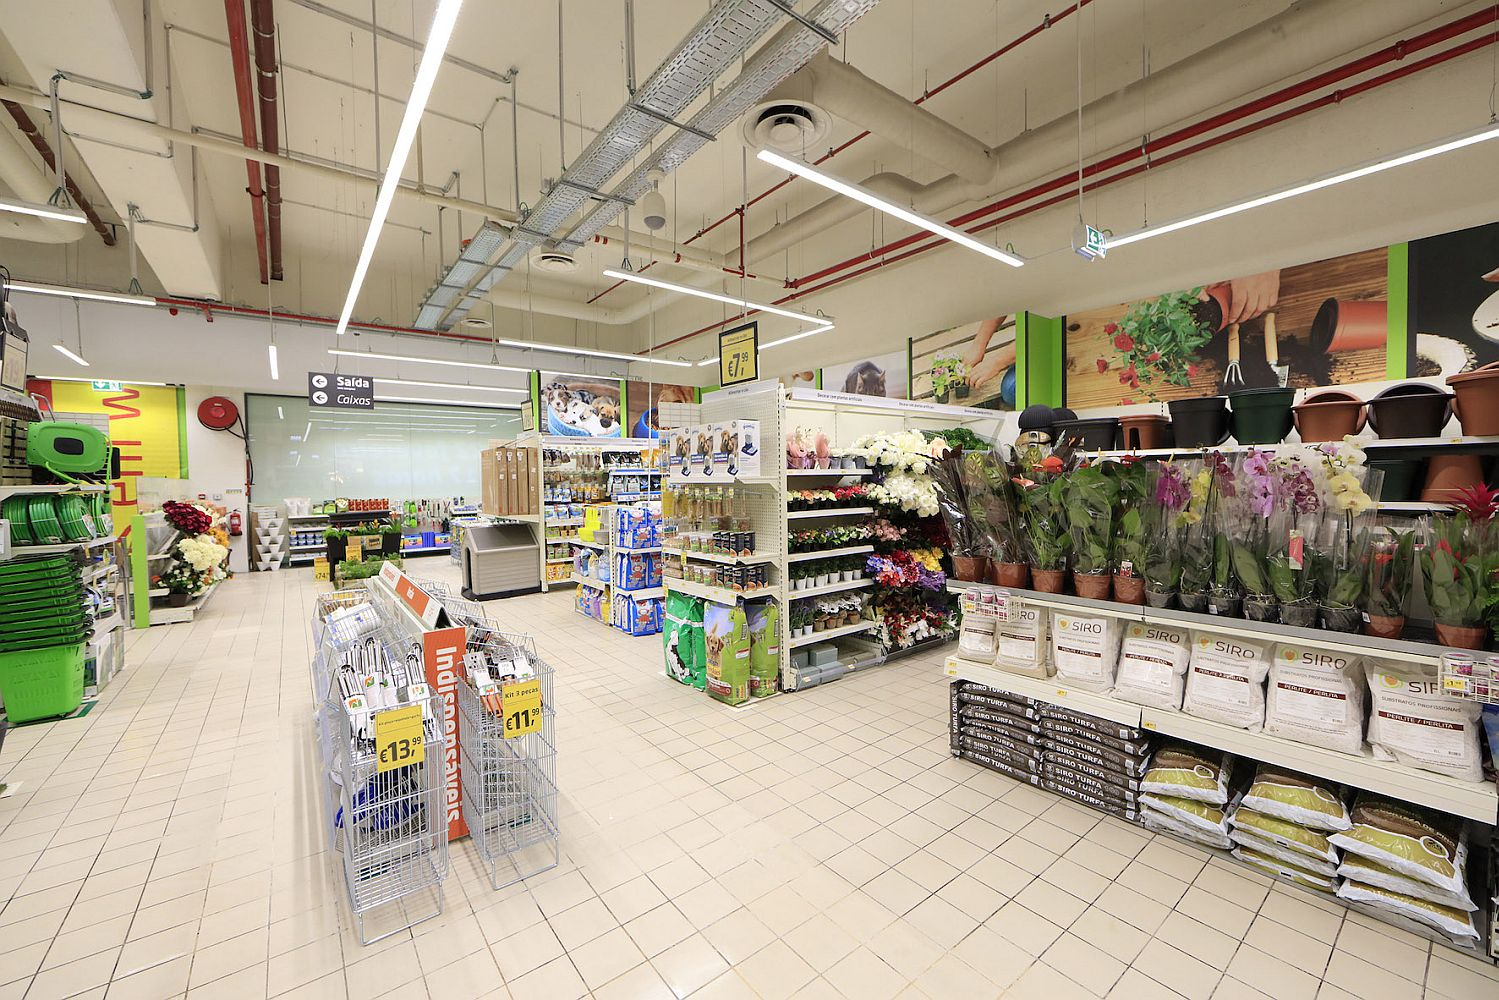 e7c533d90 A 38ª loja AKI em Portugal abriu recentemente junto ao hipermercado  Continente do LoureShopping (distrito de Lisboa). A insígnia de decoração e  bricolage ...